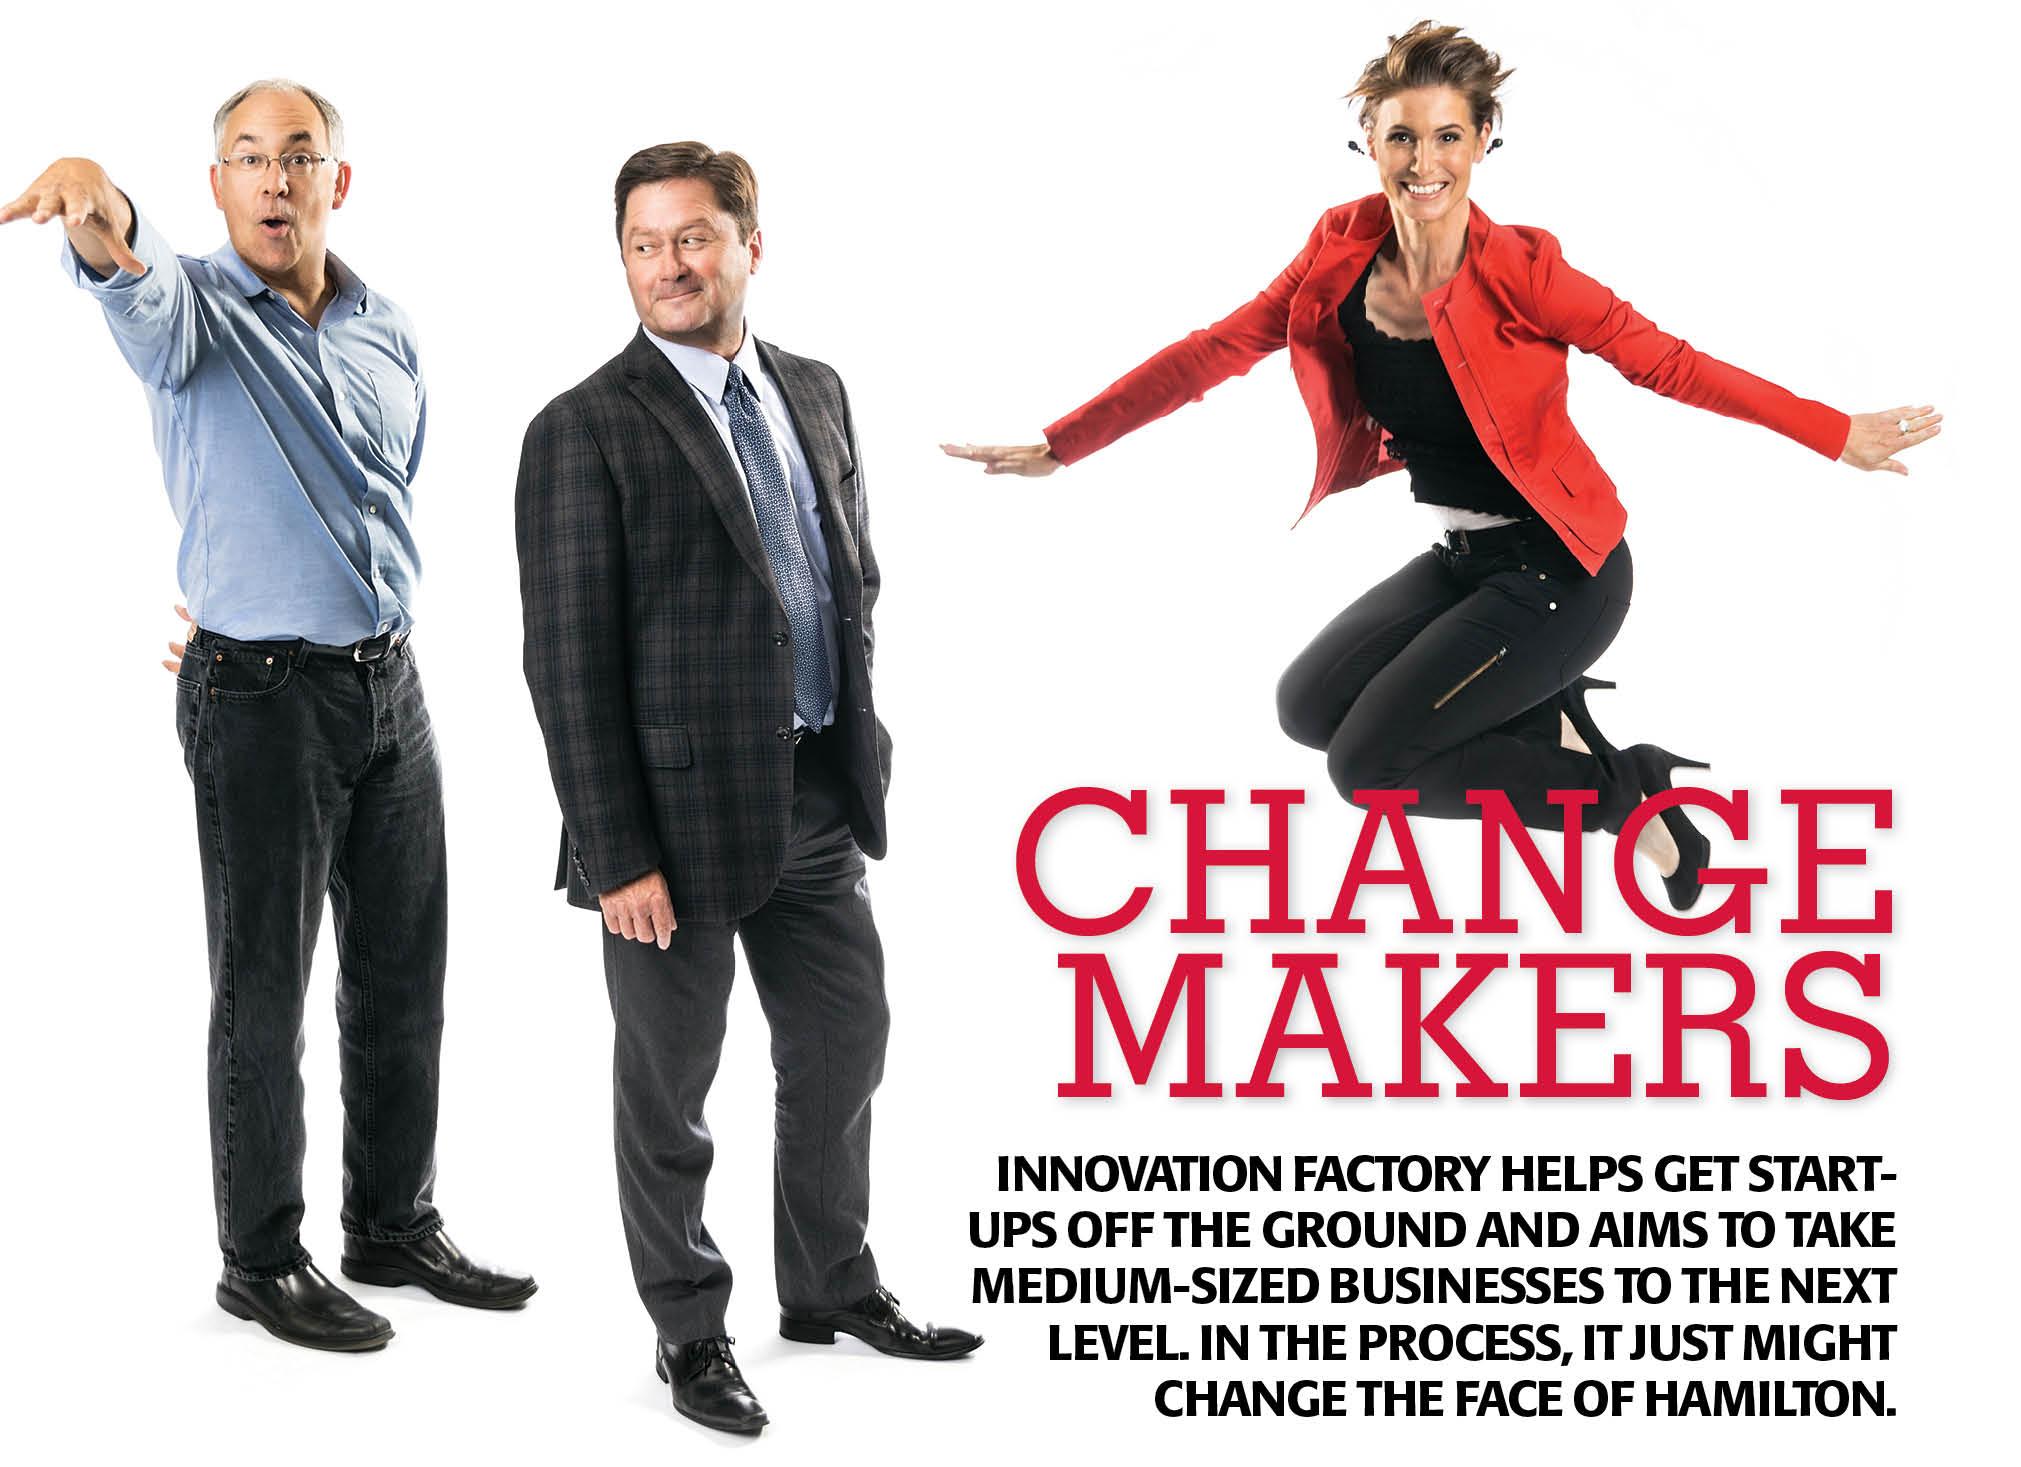 2014-Biz-Magazine-ChangeMakers.jpg